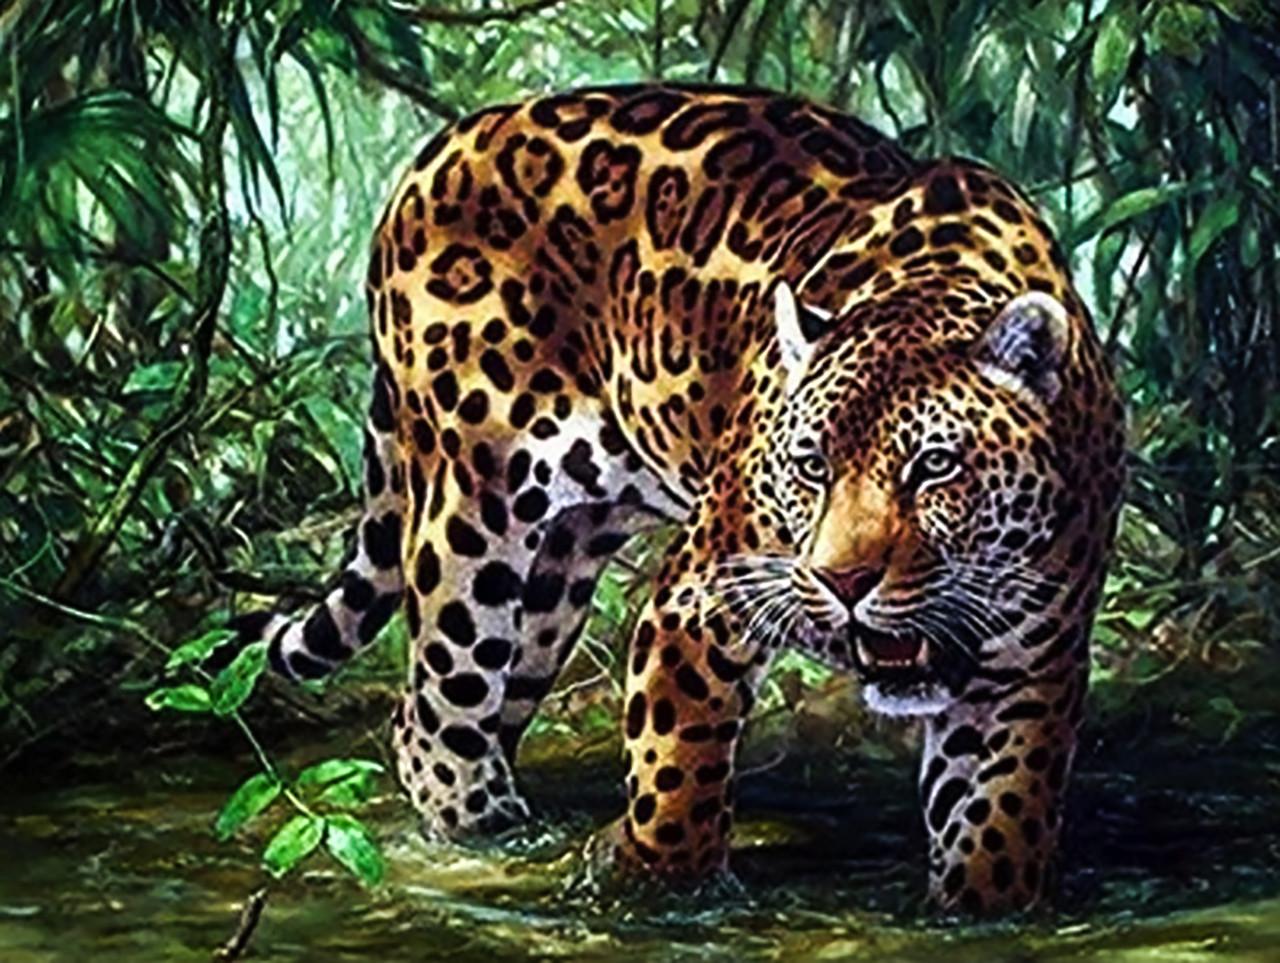 """Алмазная вышивка. Набор алмазной вышивки """"Леопард в джунглях"""". Размер 40*30 см."""